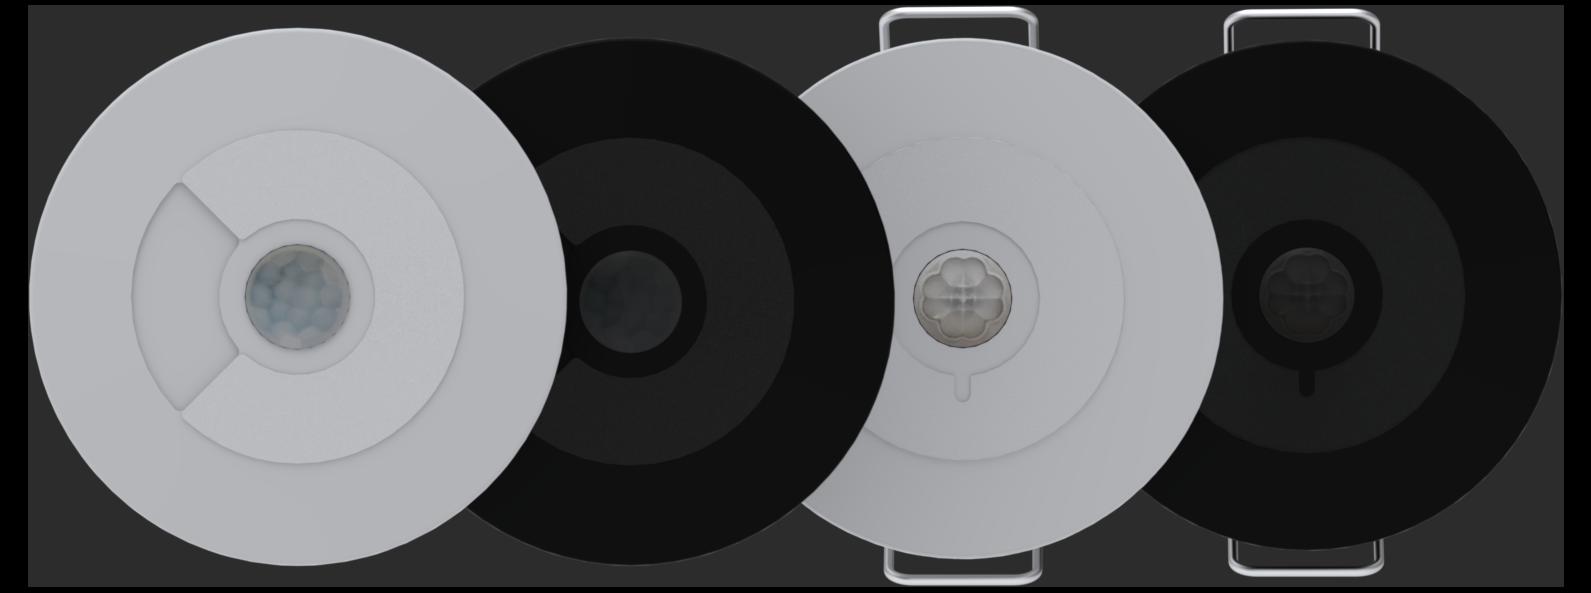 Faradite Bewegungsmelder 360 potenzialfrei und IP67 potenzialfrei in schwarz und weiß